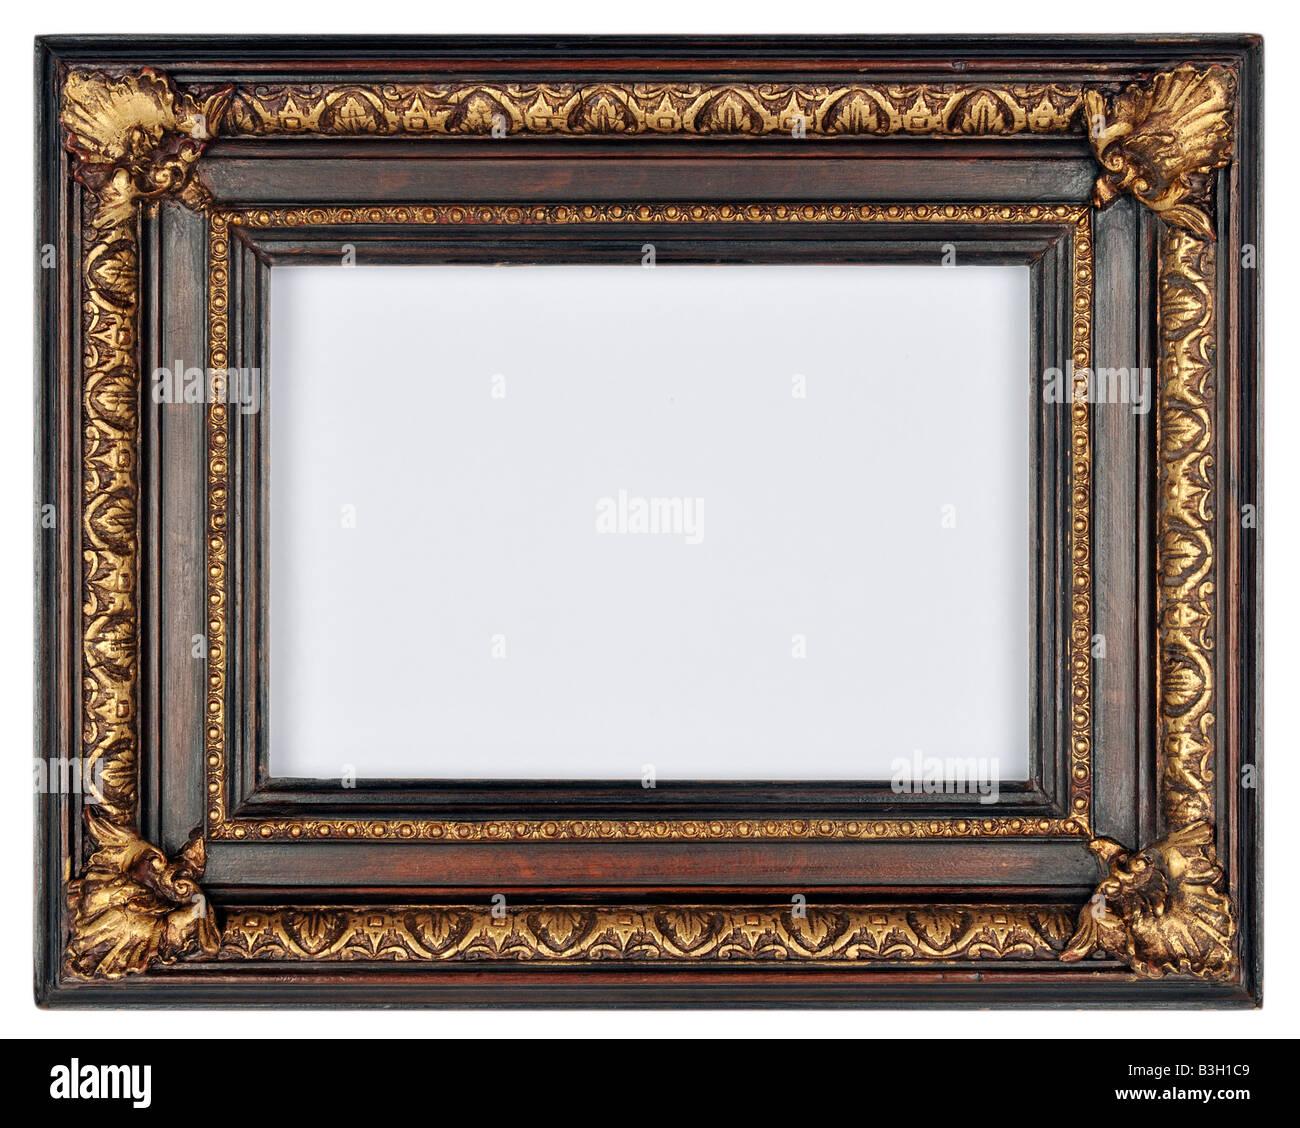 Fantastisch Kunsthandwerk Bilderrahmen Fotos - Benutzerdefinierte ...